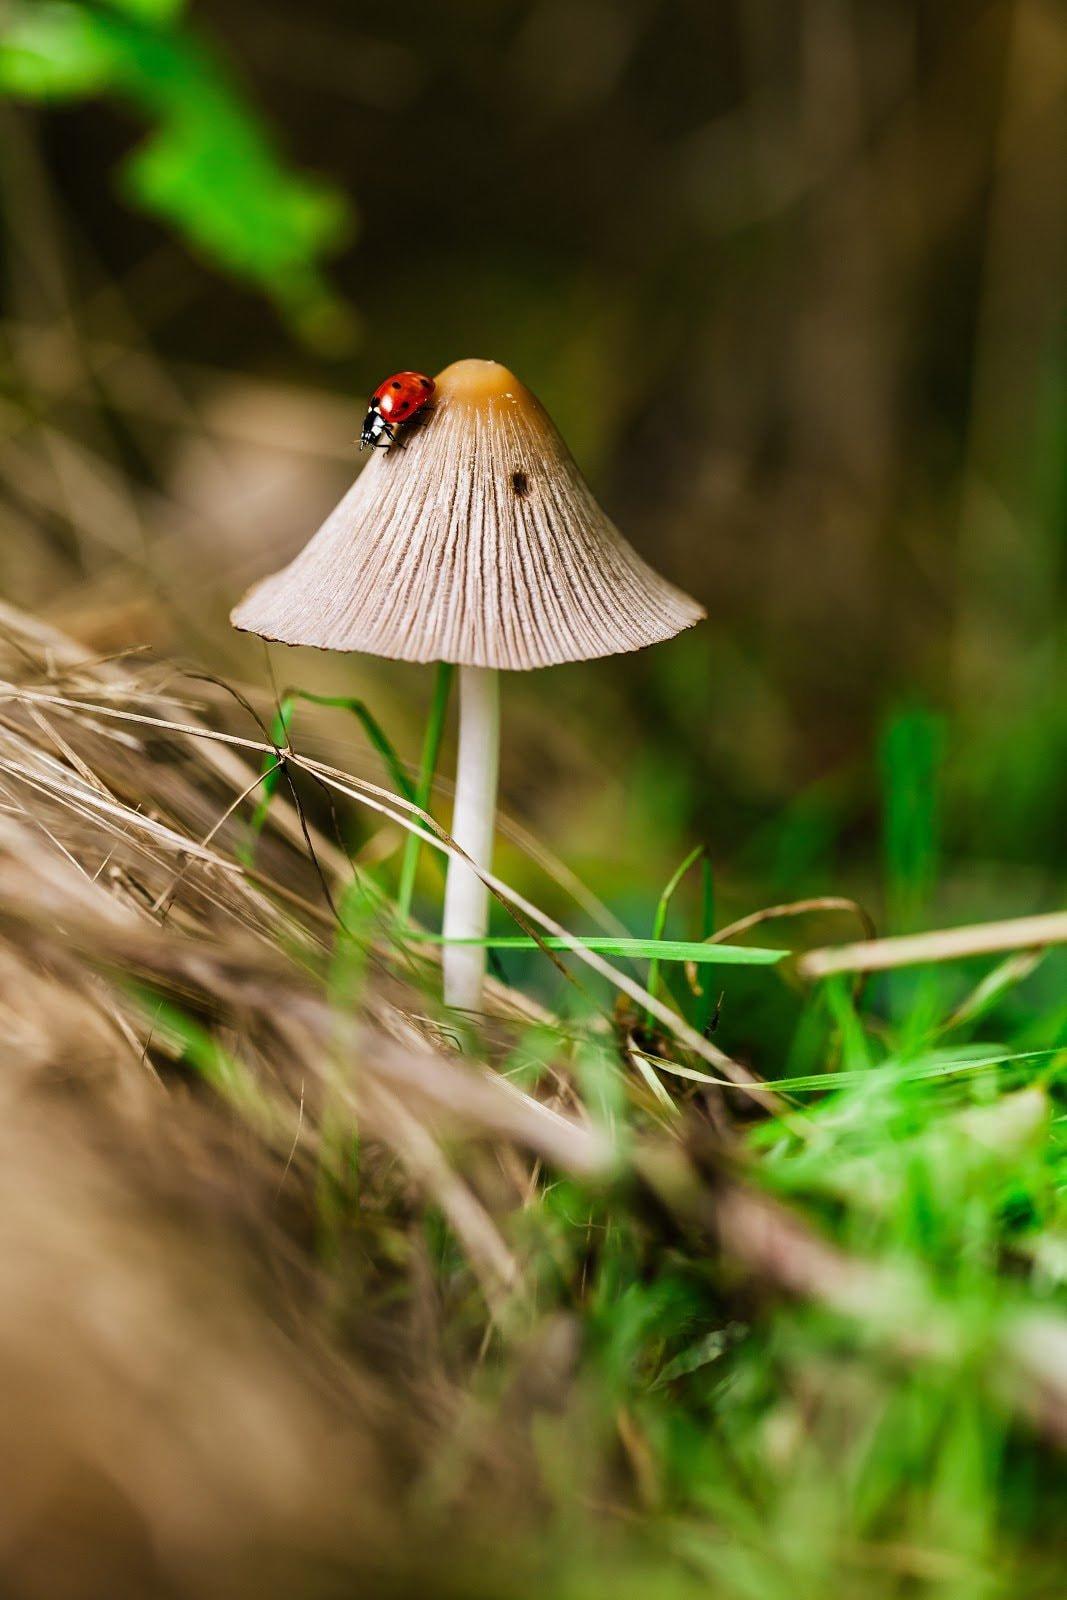 macro-photography-benjamin-balazs